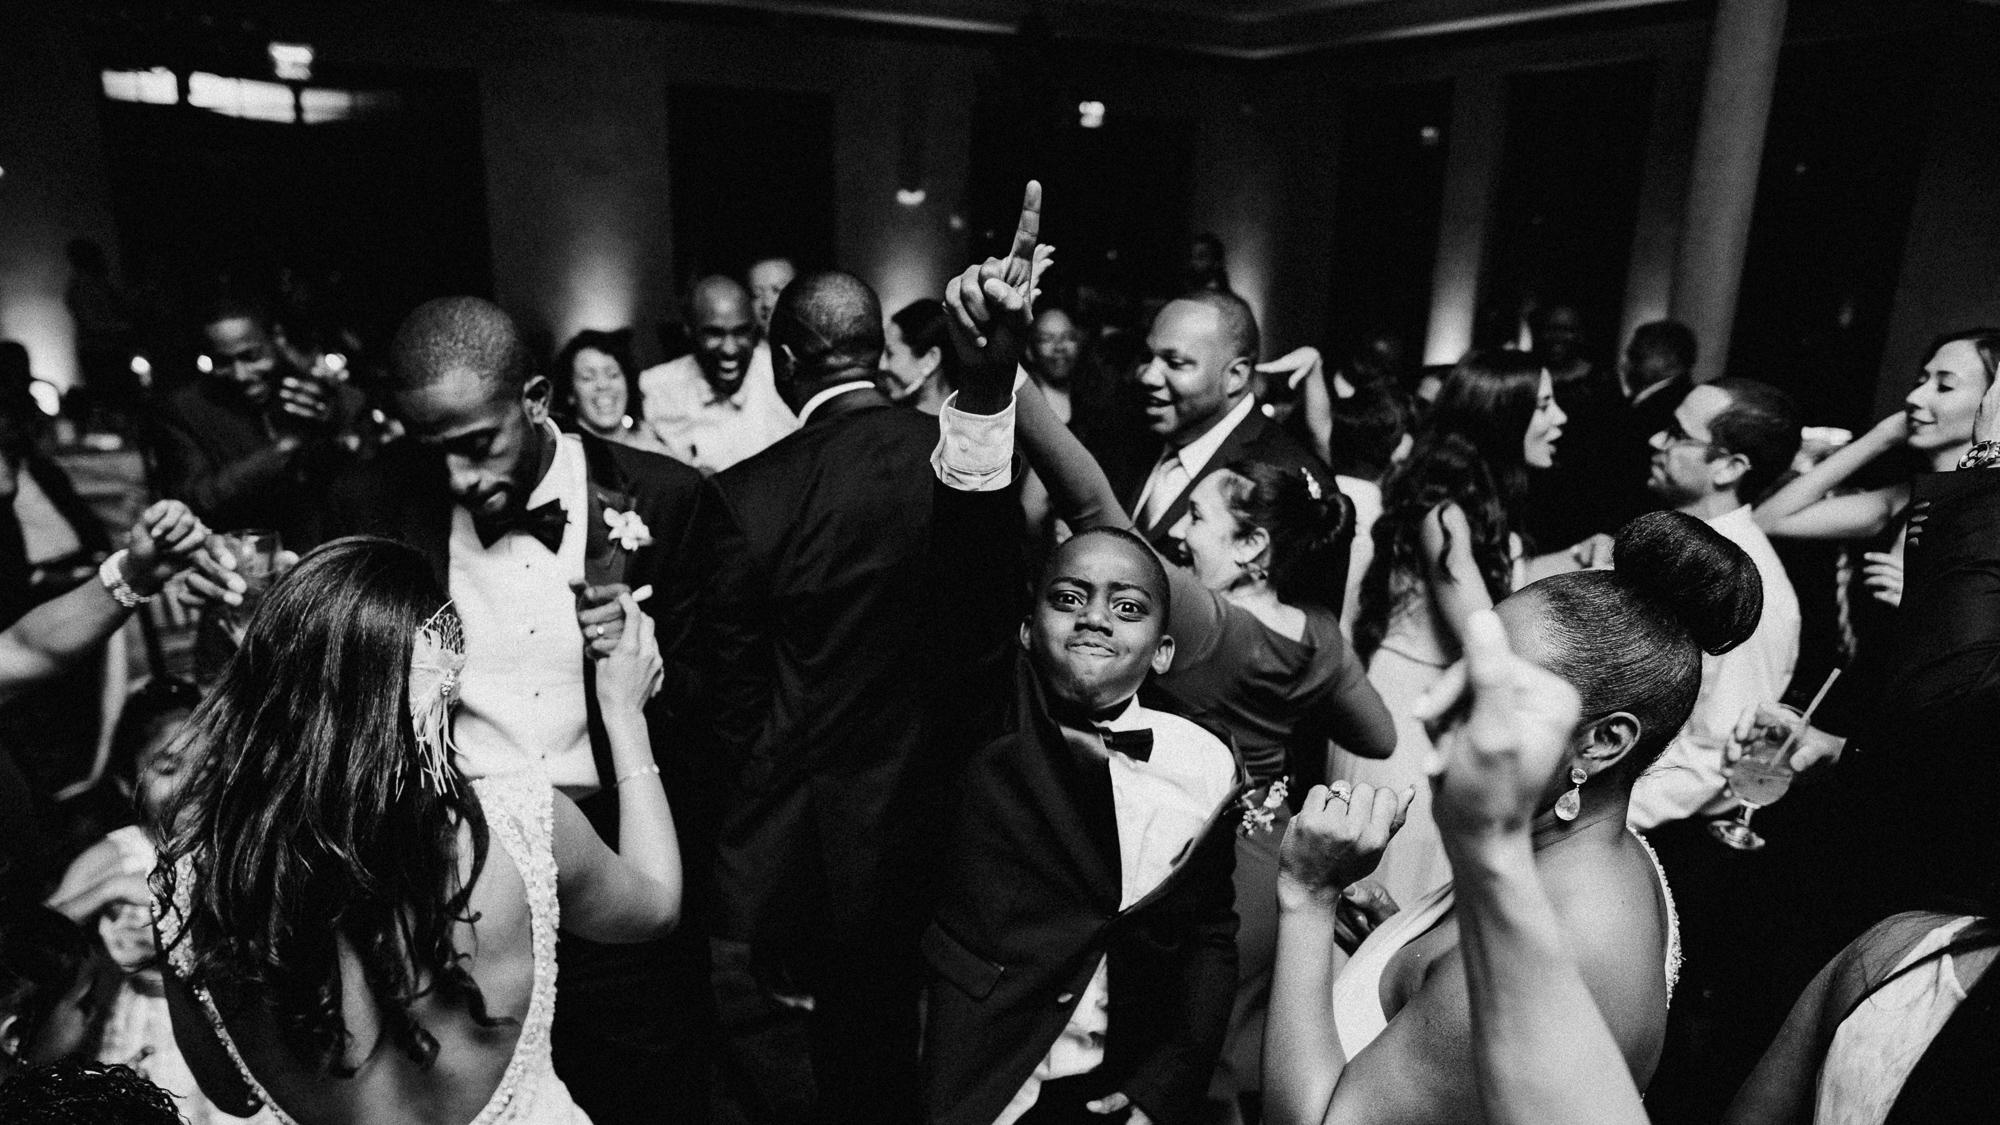 gian-carlo-photography-weddings-17.jpg